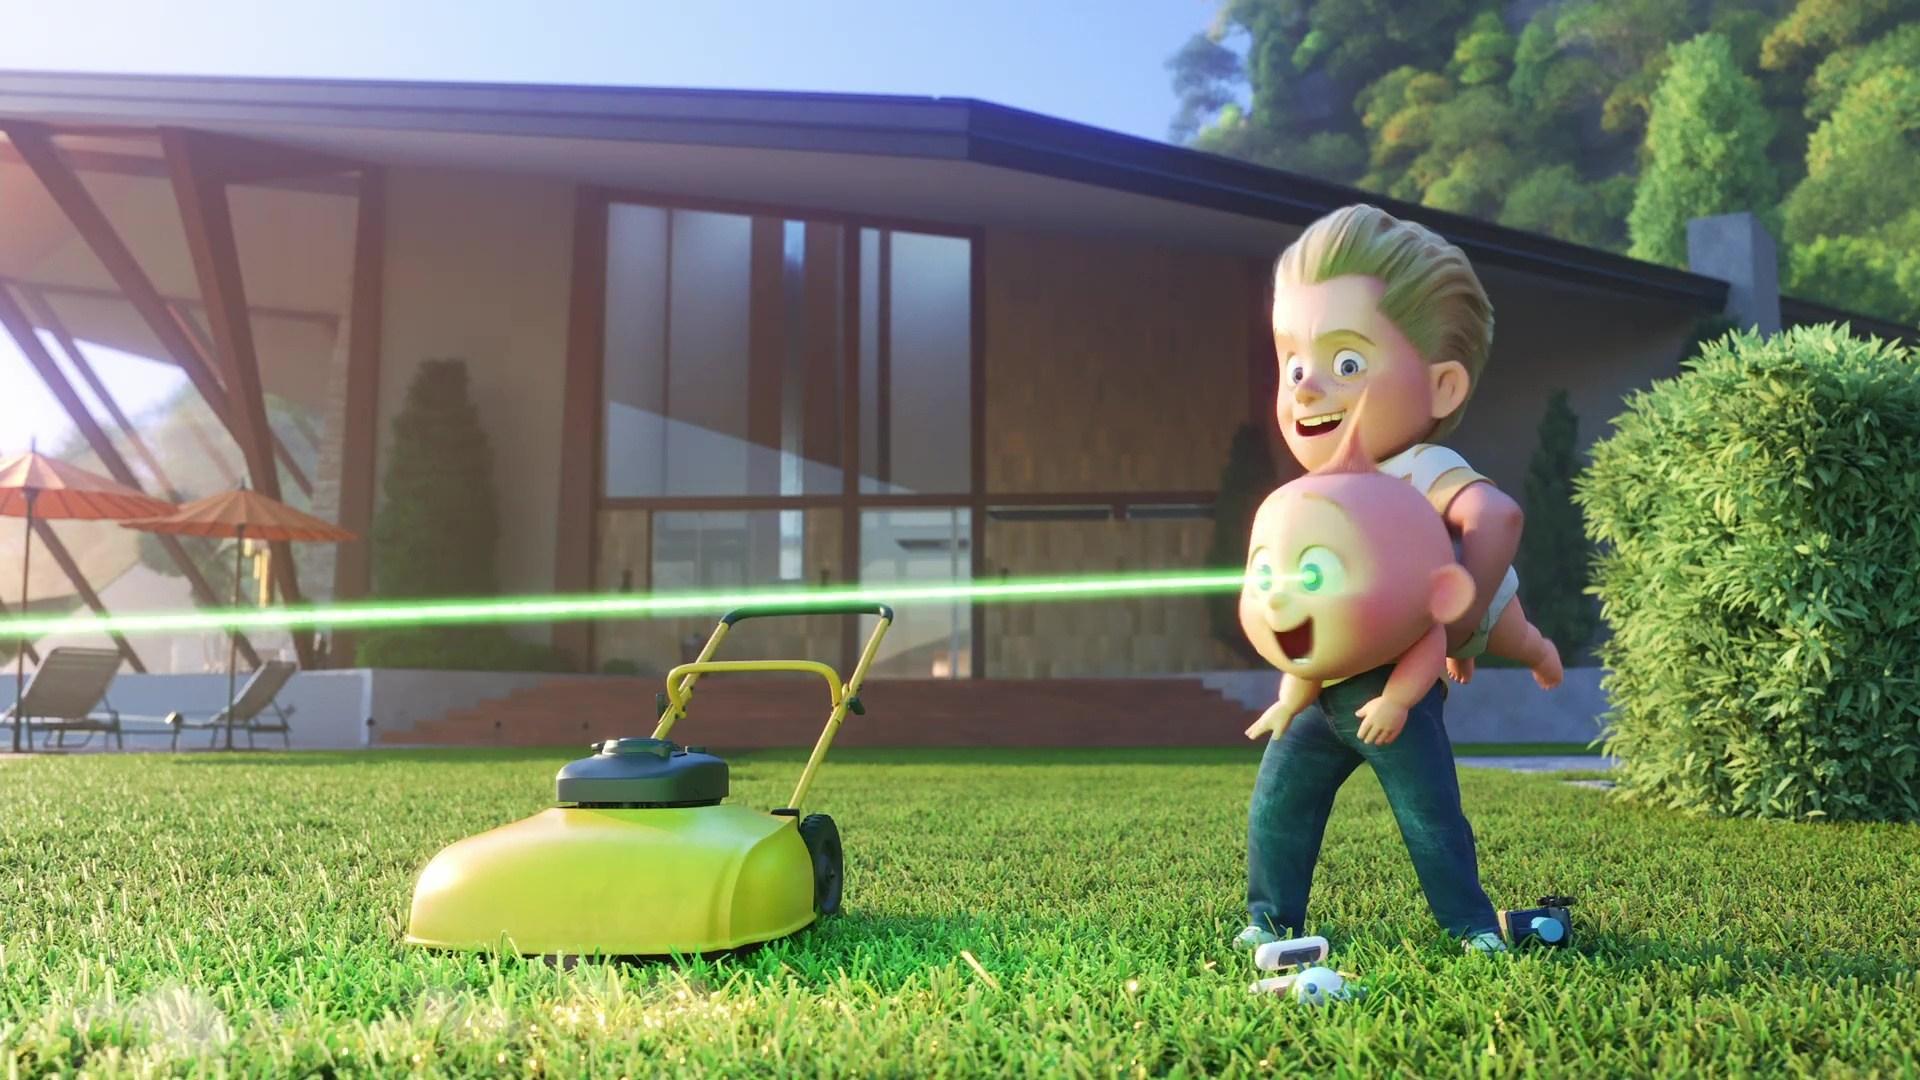 image chore day incredibles way incroyable ménage pixar popcorn disney